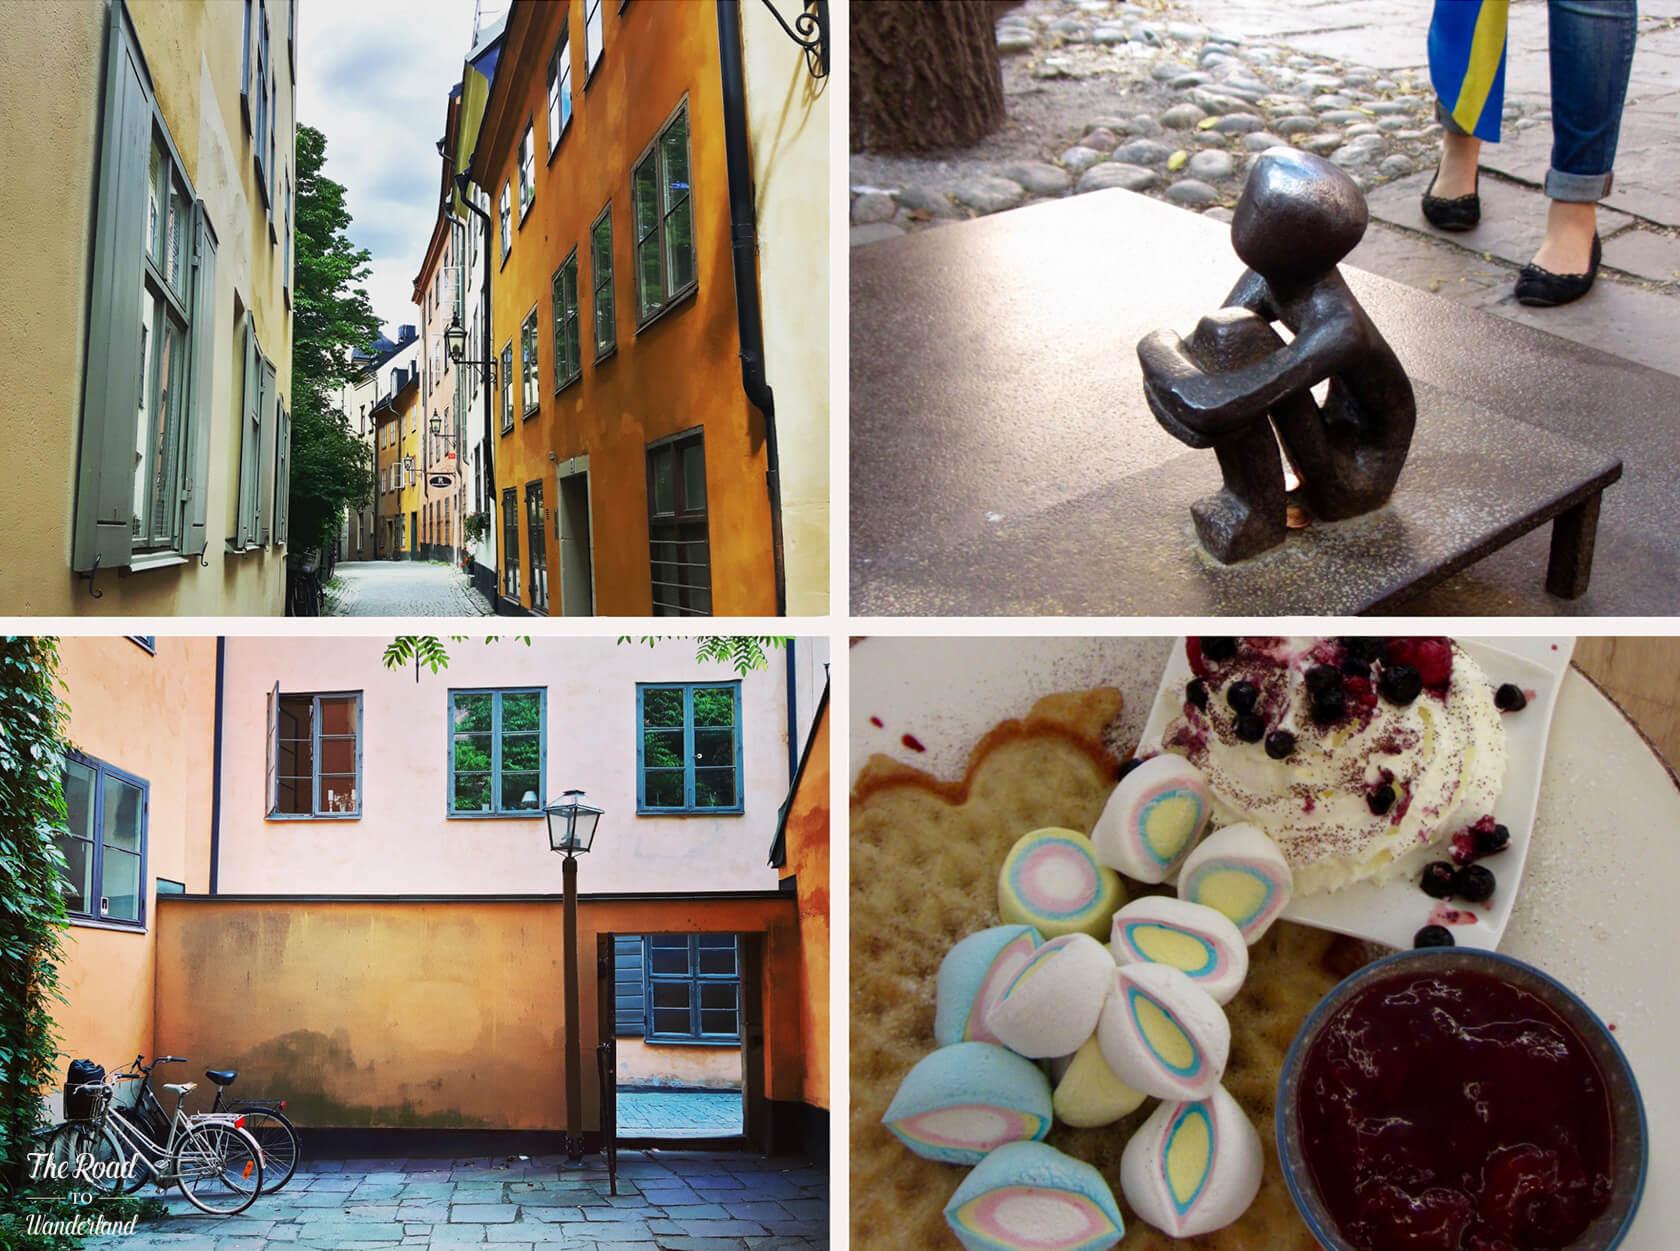 Exploring Gamla Stan, Stockholm